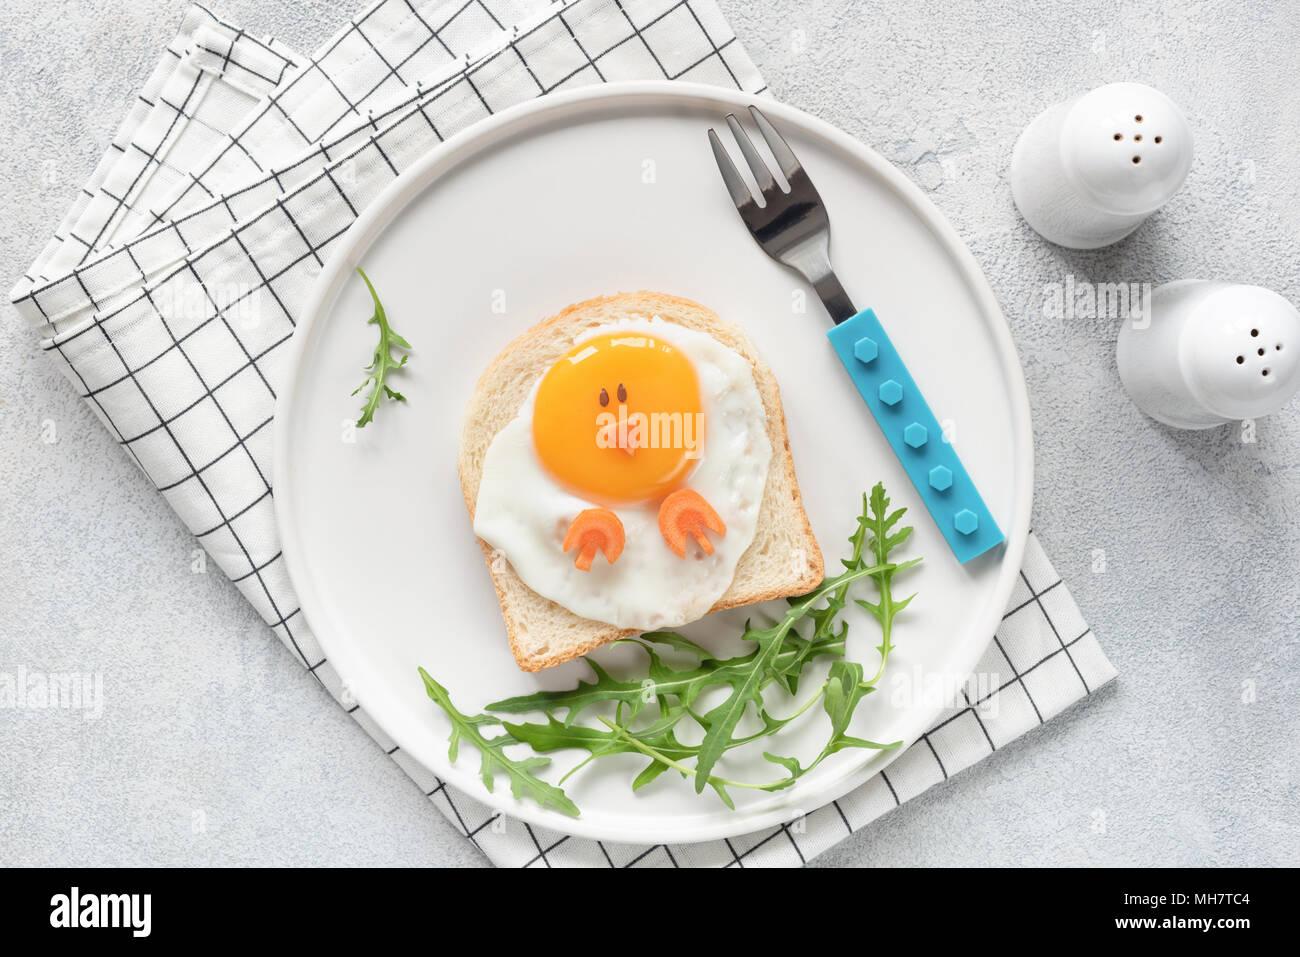 Carino divertente la prima colazione per i bambini. A forma di pollo sandwich o toast sulla piastra bianca. Arte cibo idea. Lay piatto. Tabella vista superiore Immagini Stock